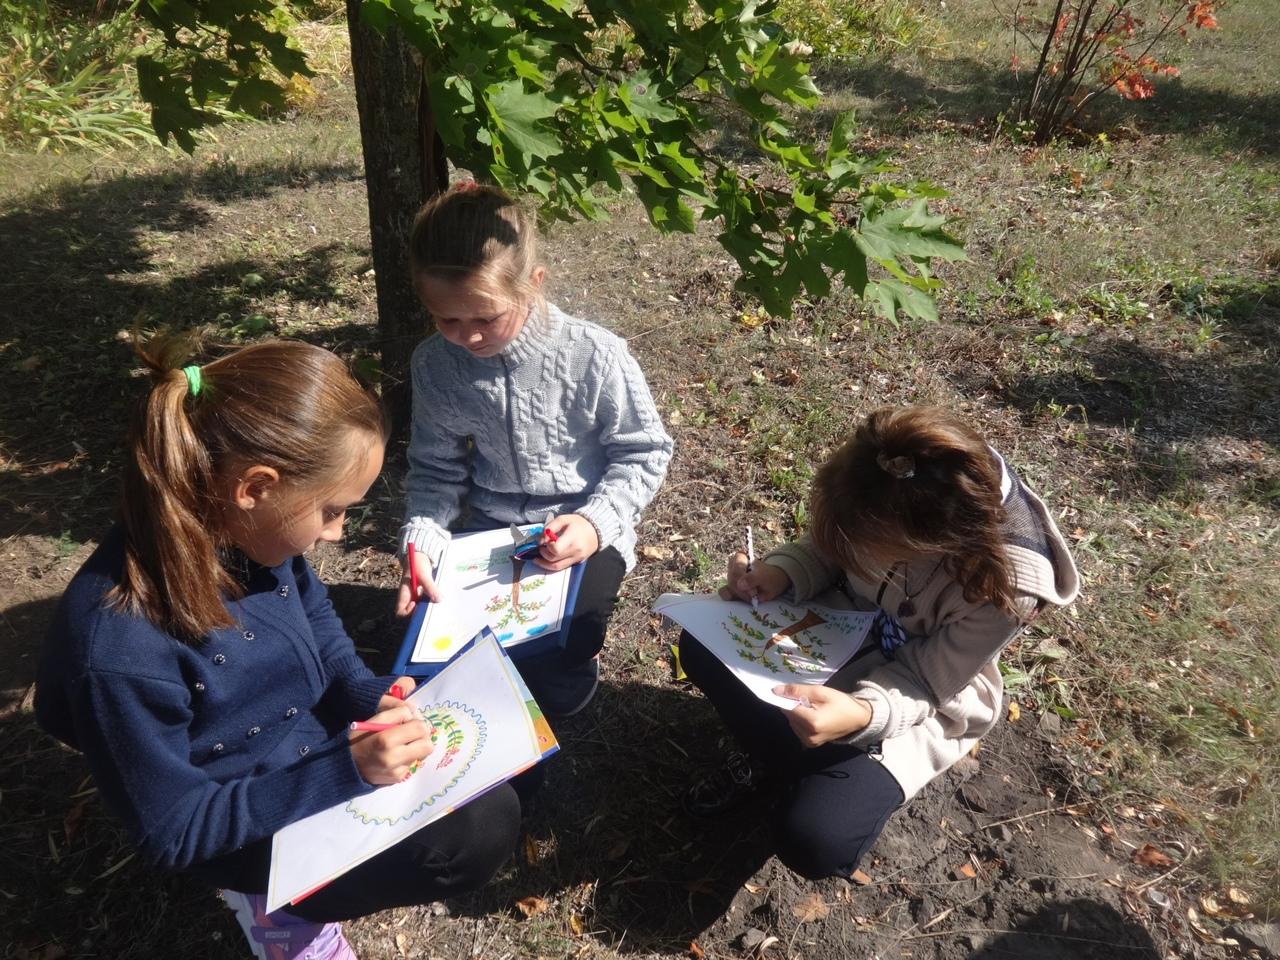 Воспитанники детско-юношеского Центра Петровска провели занятие по изобразительному искусству на открытом воздухе